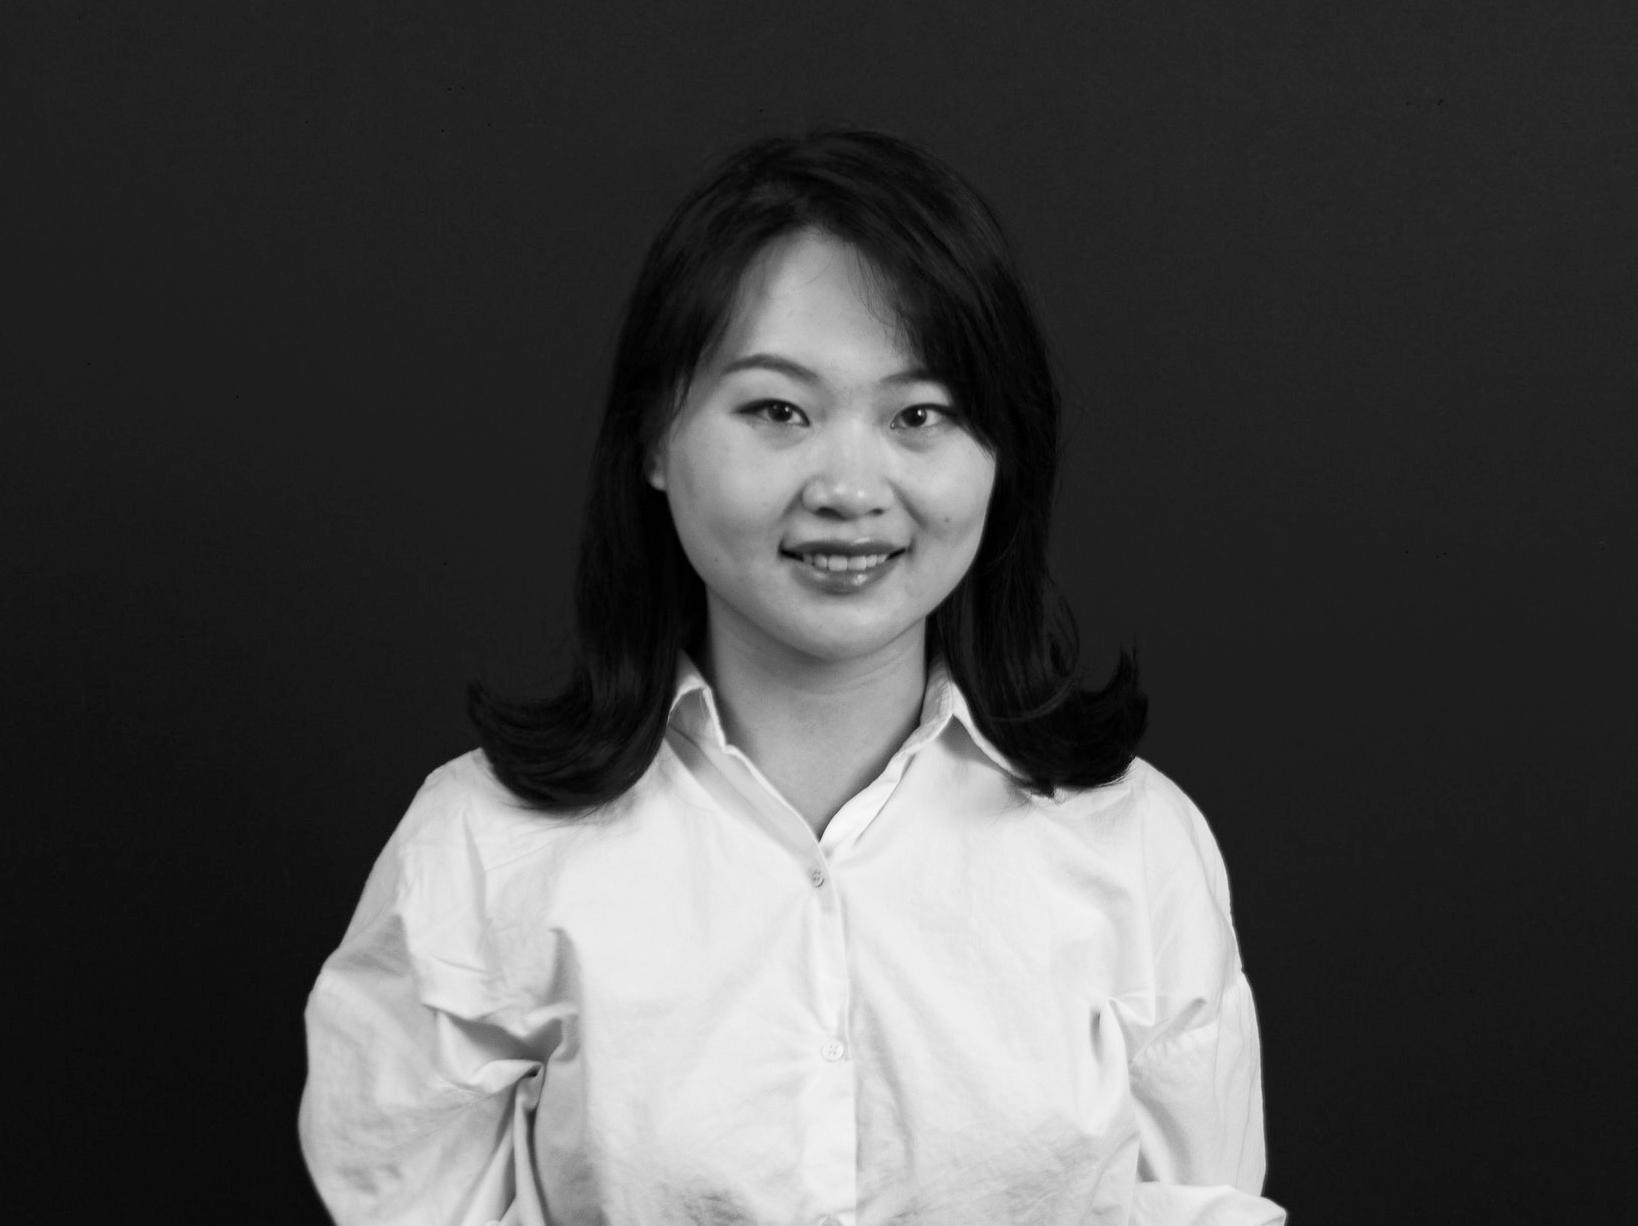 Fangjia Tian